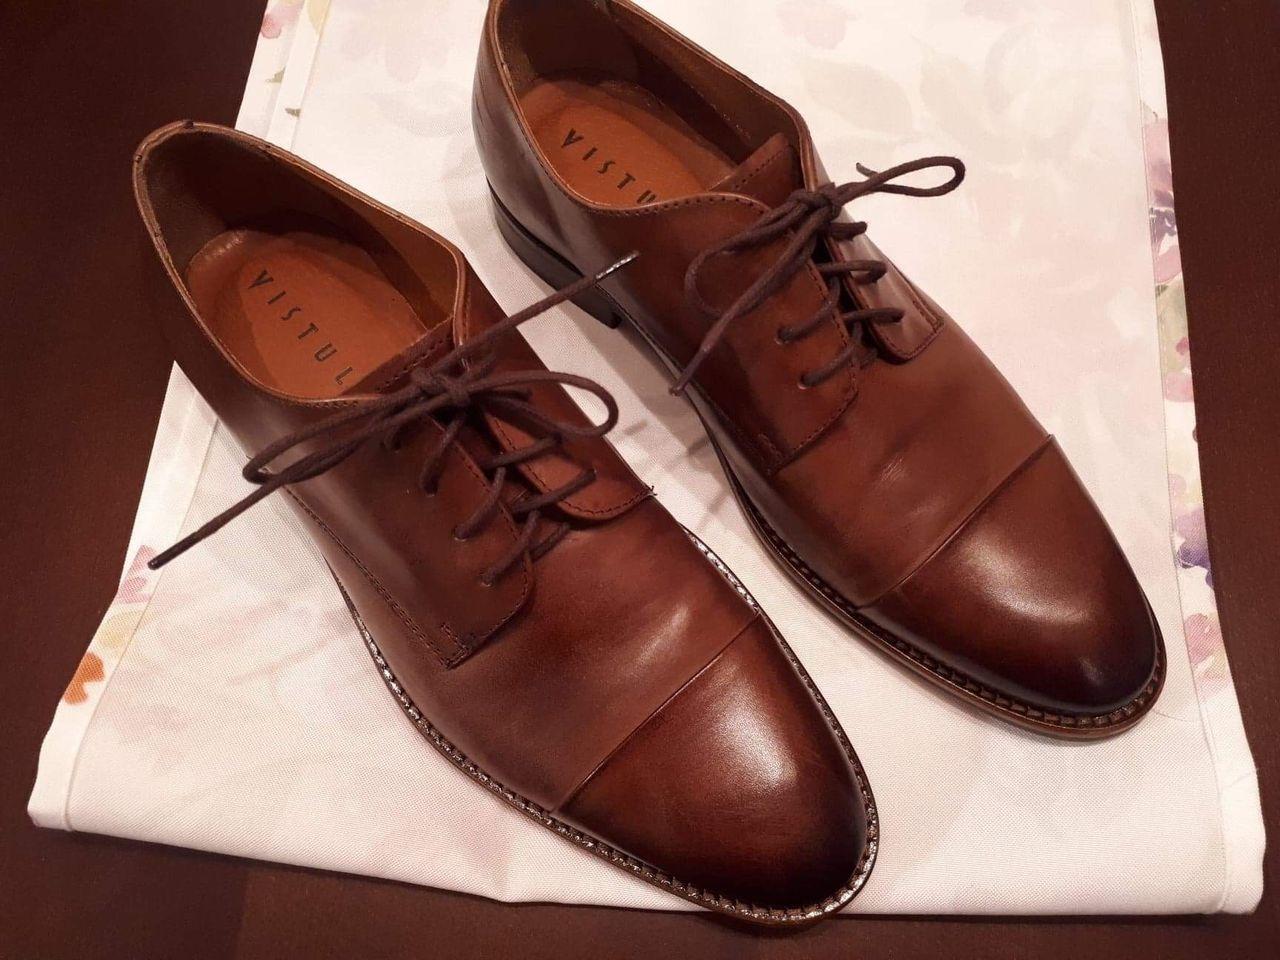 Dress sko Kjøpe, selge og utveksle annonser finn den beste